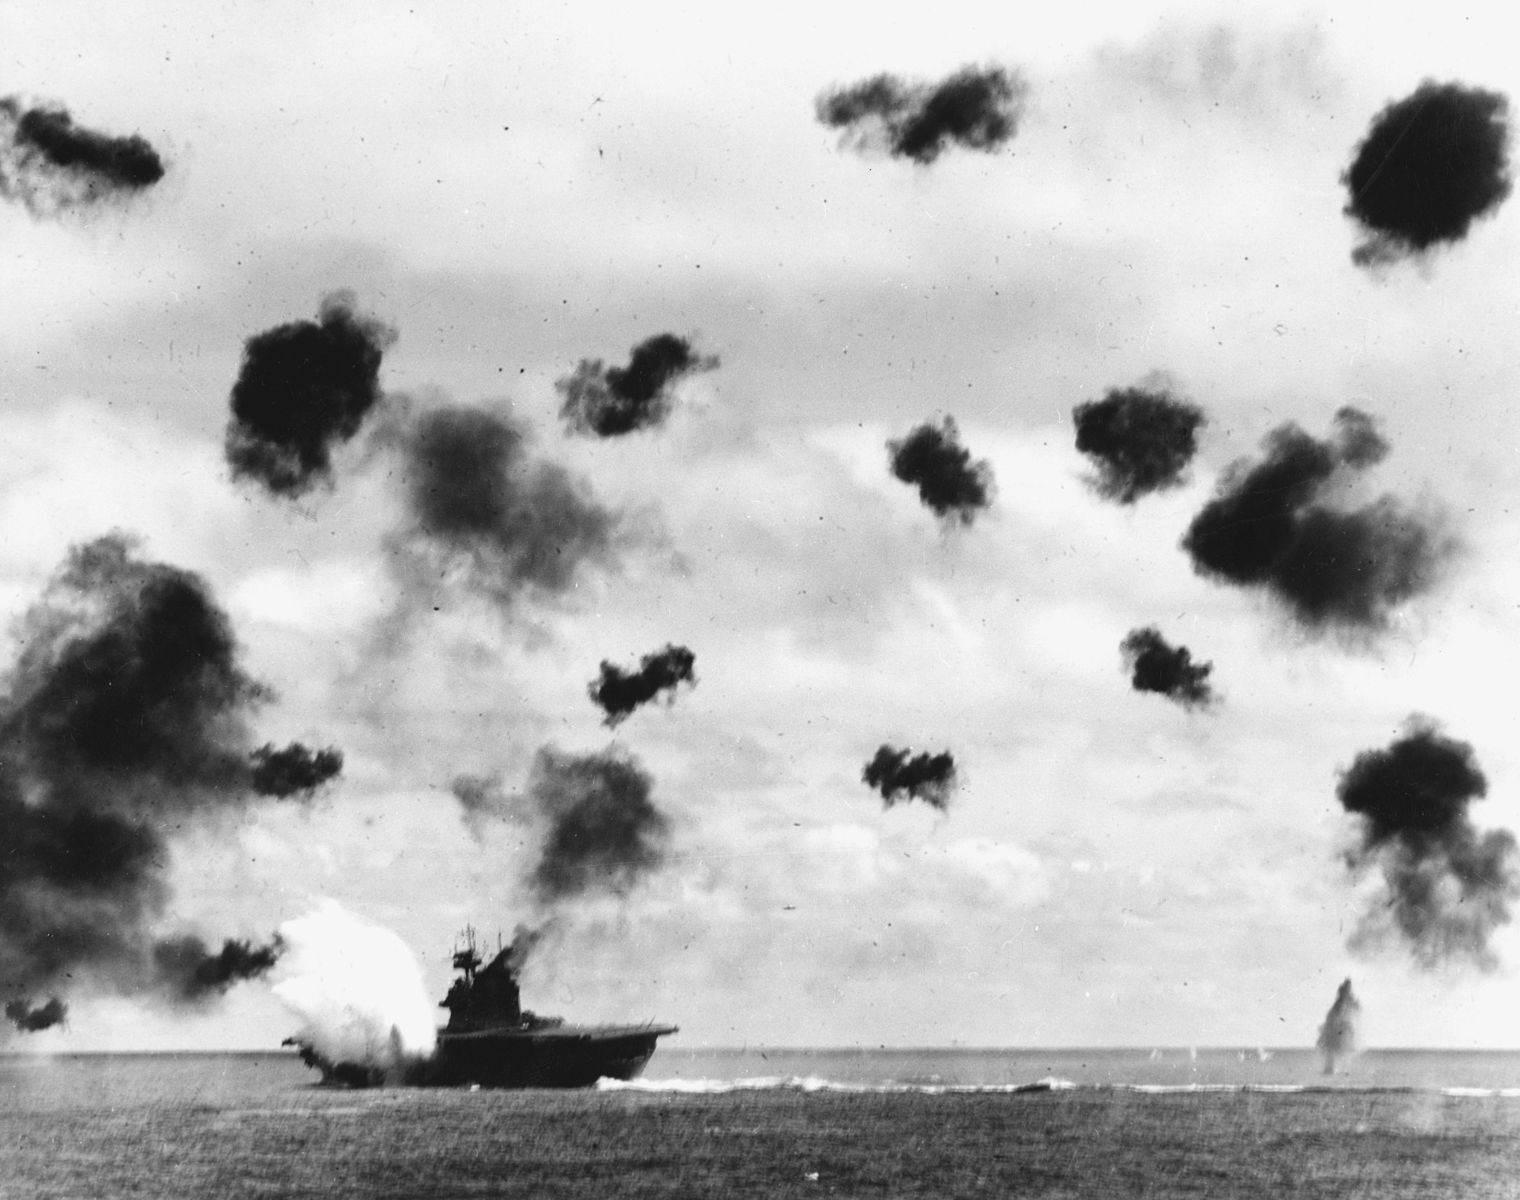 USS Yorktown hit 740px - Le USS Yorktown est touché par une torpille Japonaise Type 91 pendant la bataille de Midway le 4 juin 1942